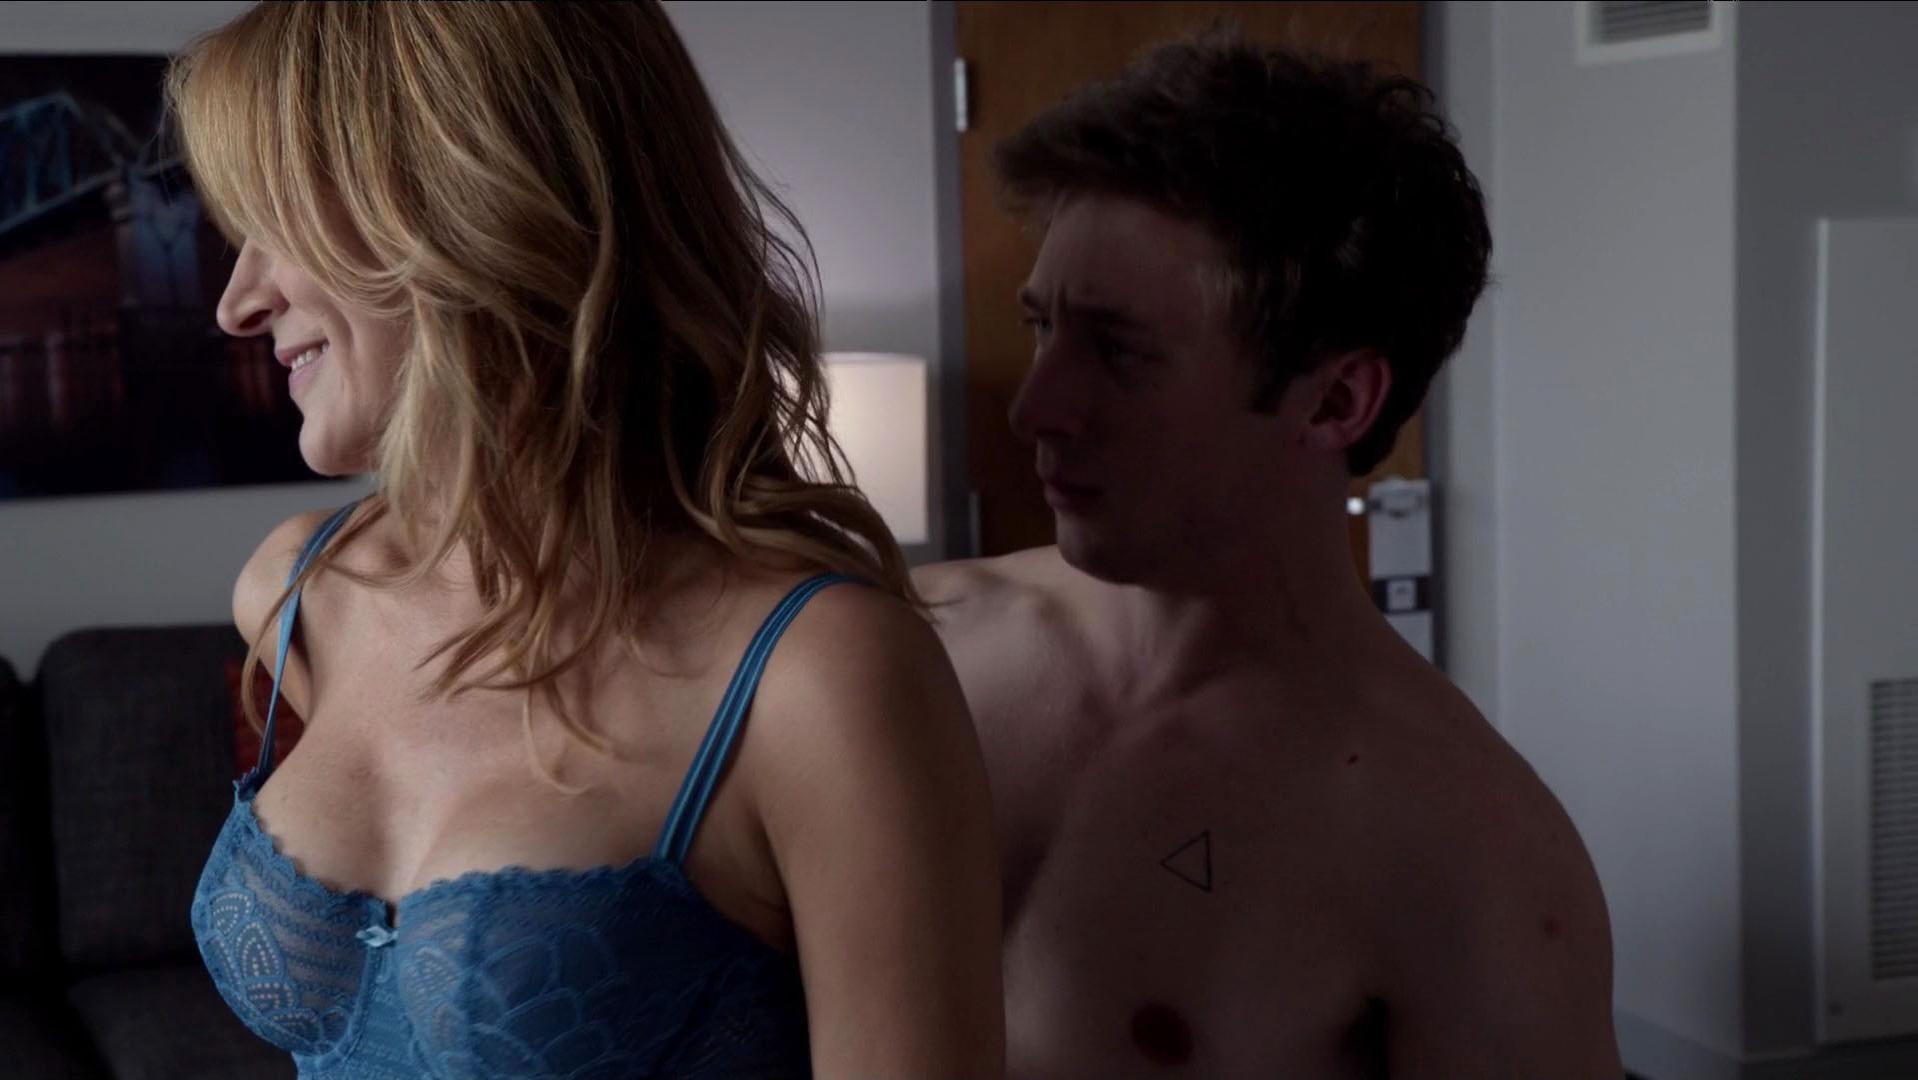 player-girl-sasha-alexander-nude-sex-pics-fake